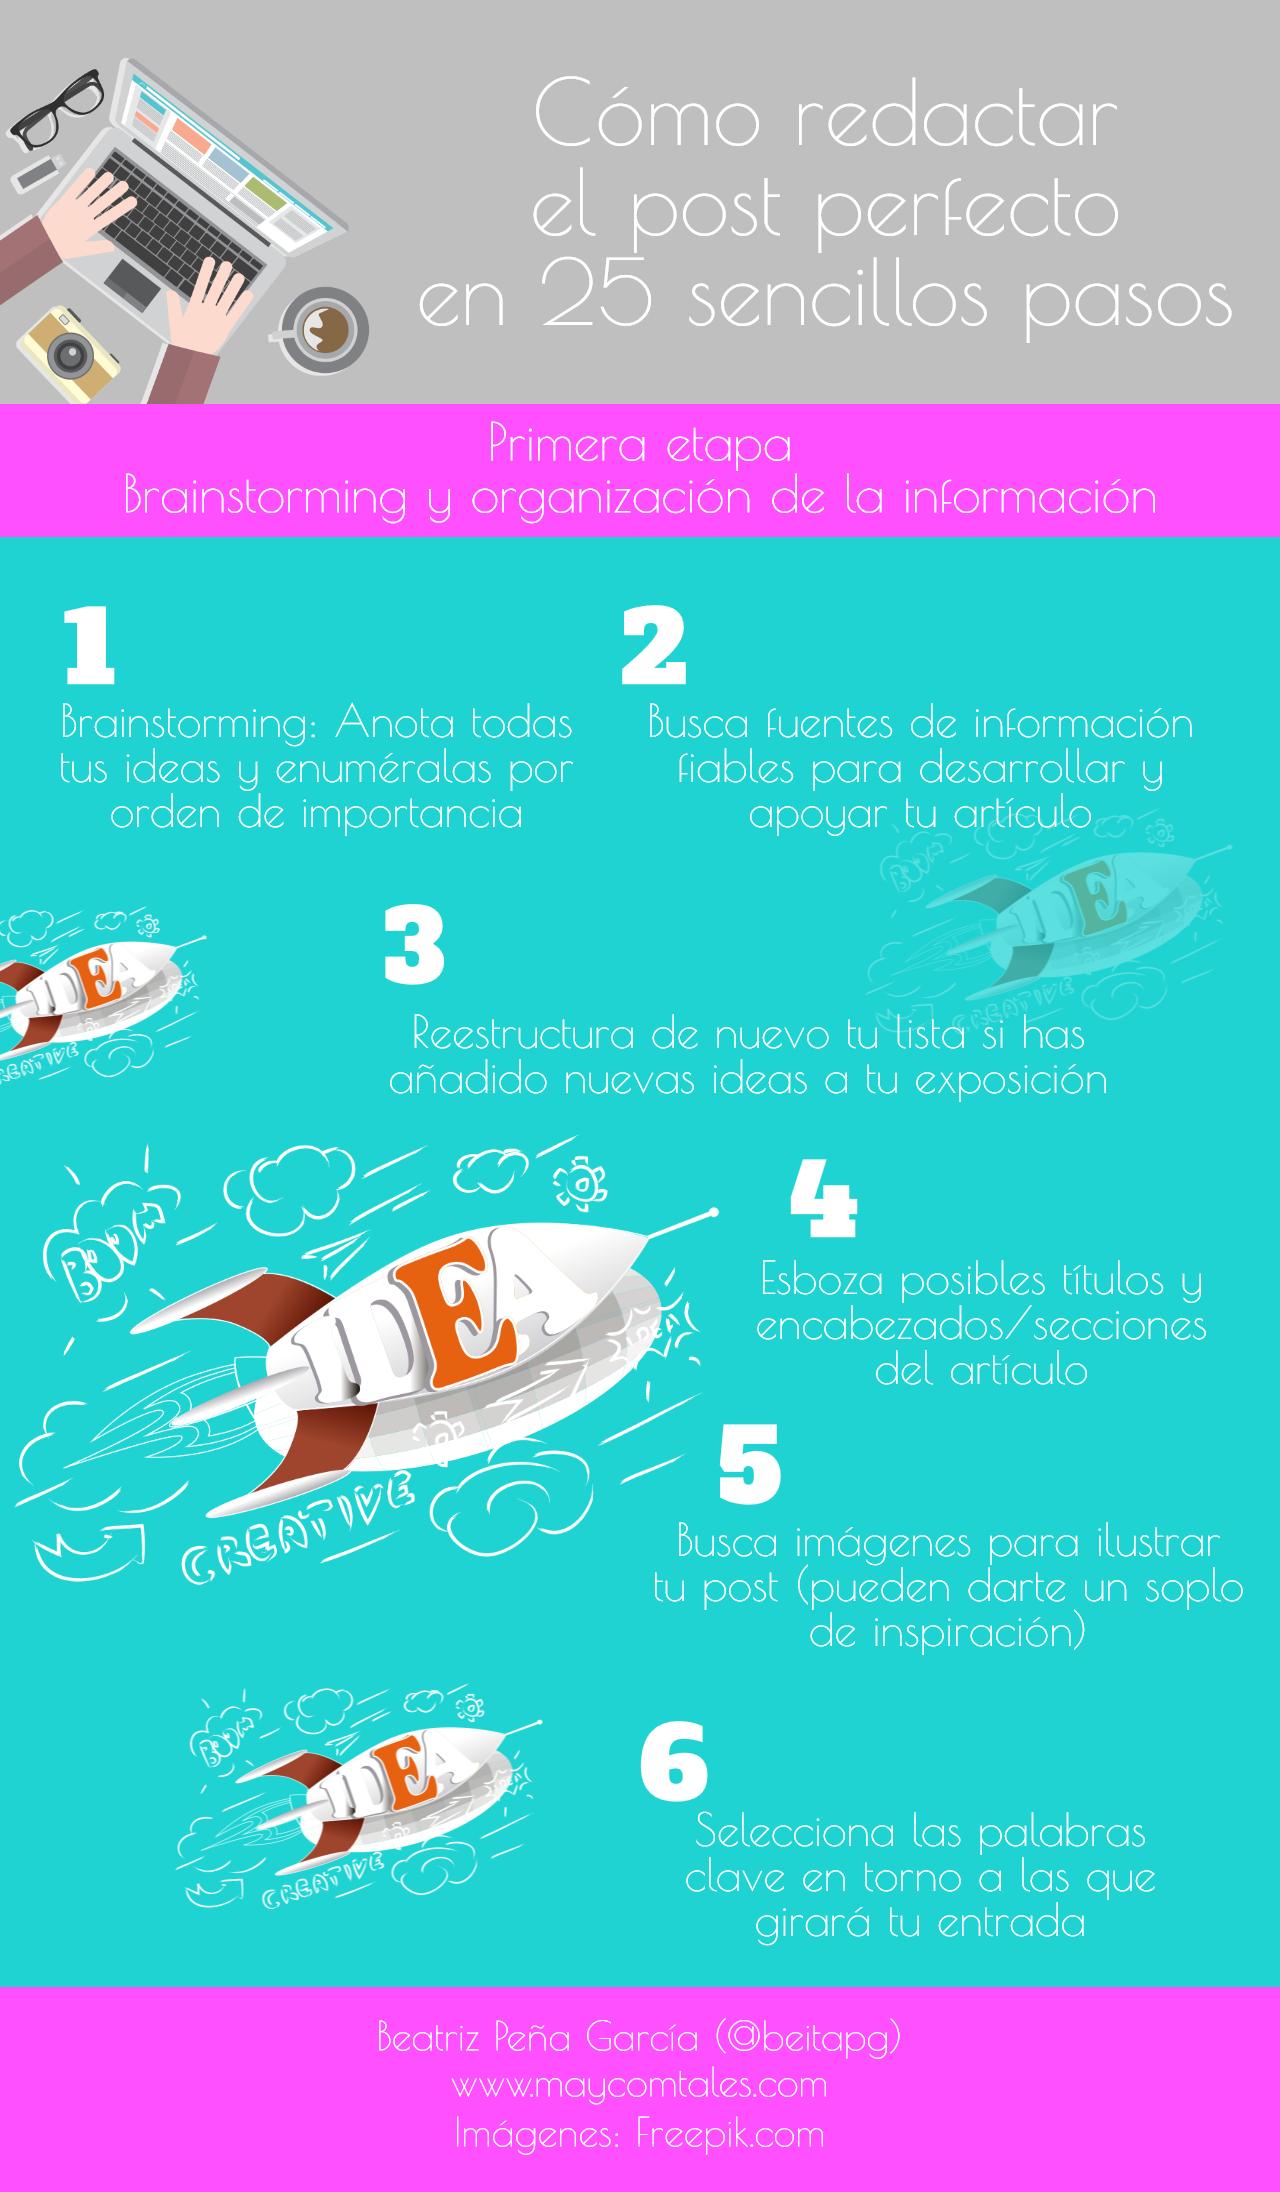 Infografía (I): Brainstorming y organización de la información